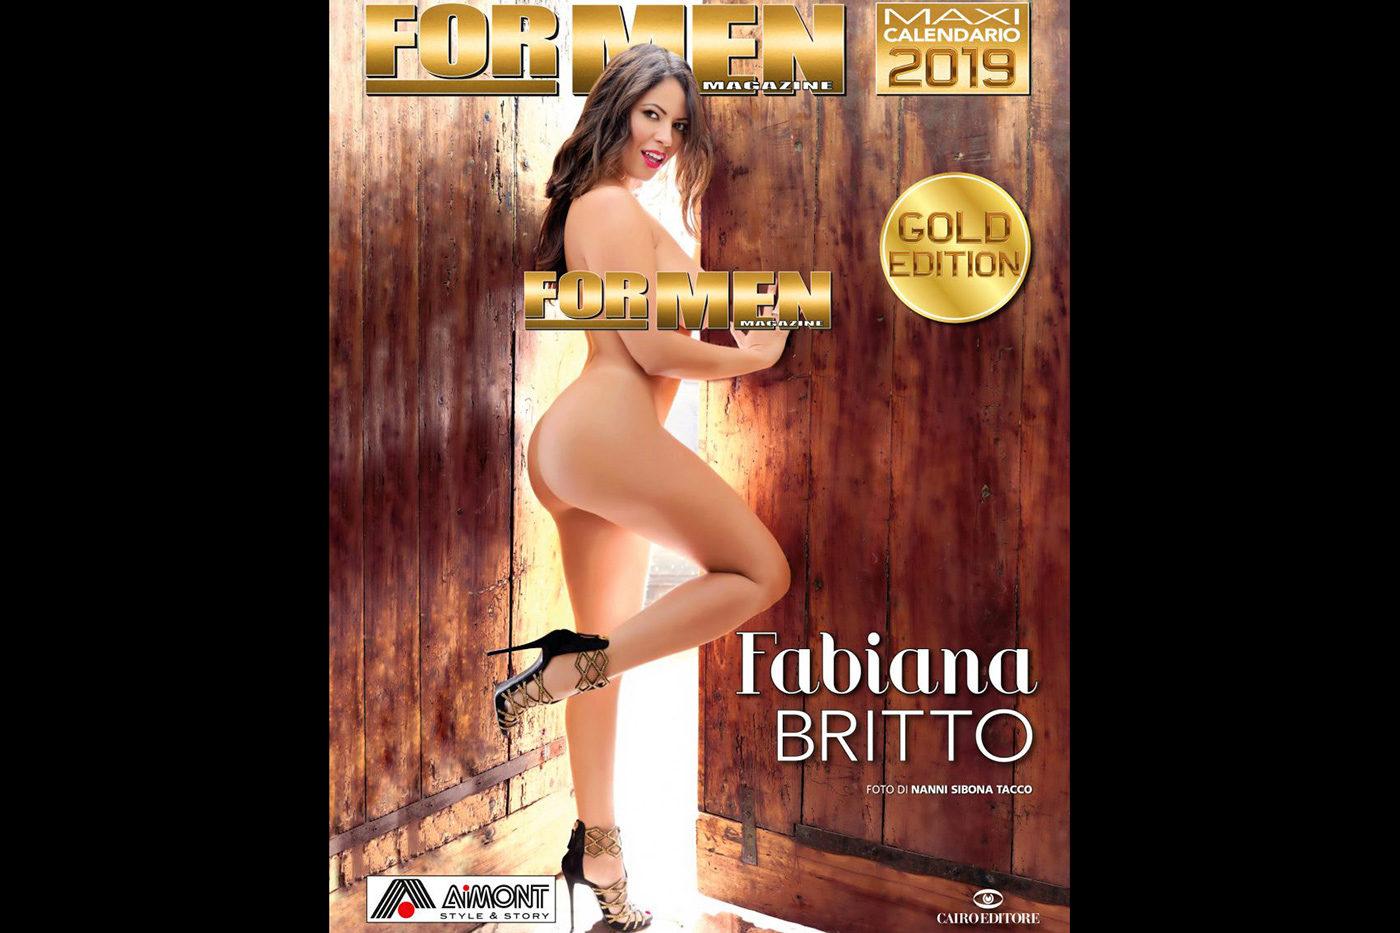 For Men Calendario.Calendario For Men Gold Edition 2019 Fabiana Britto Backstage